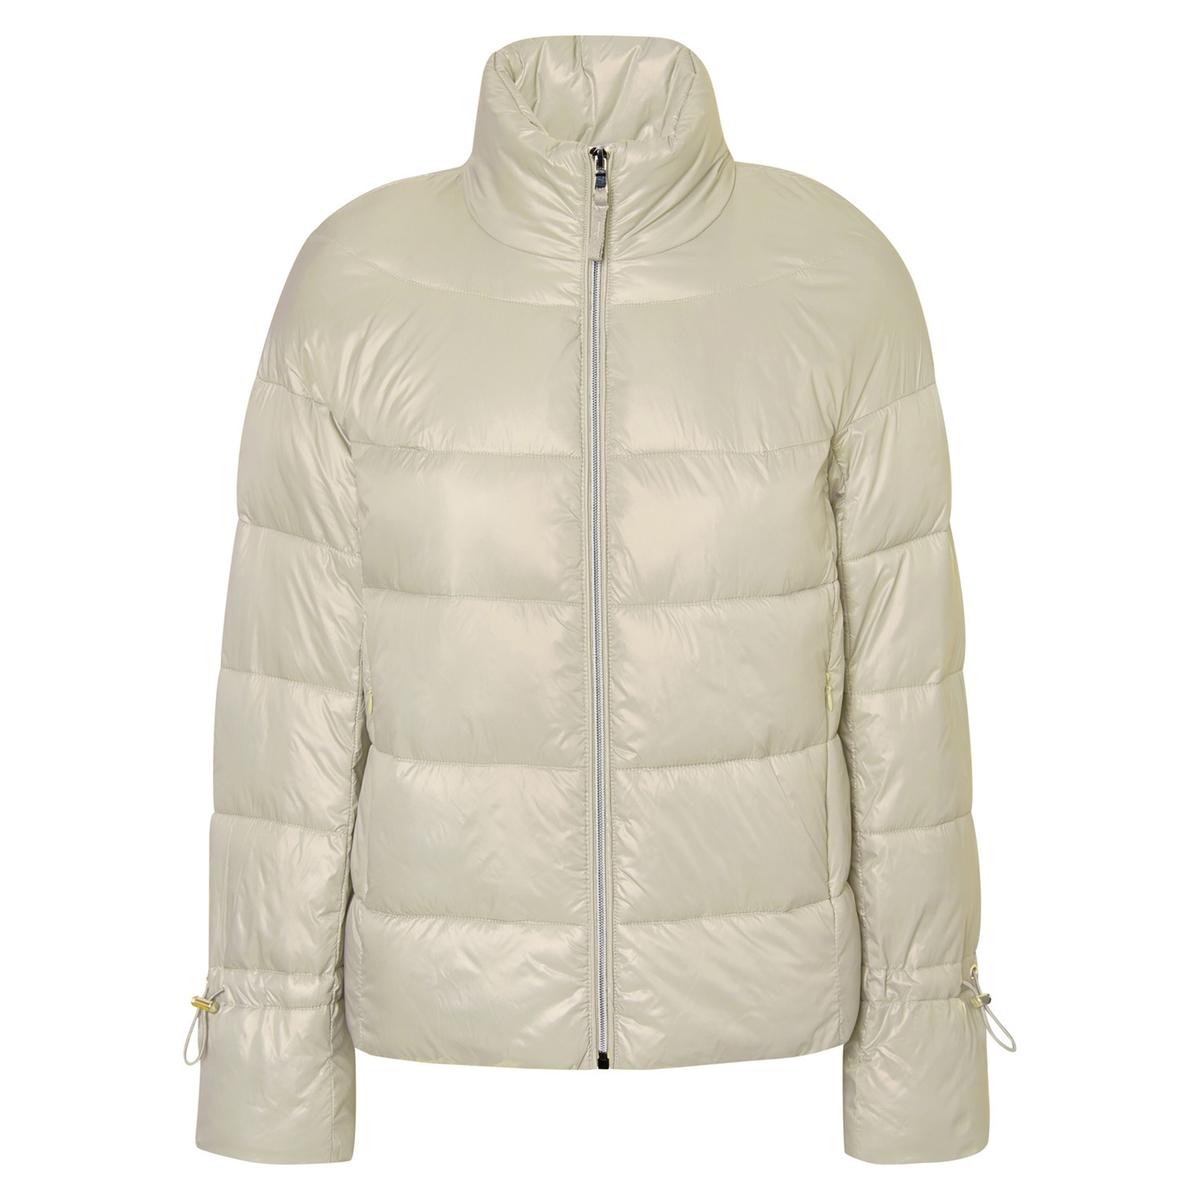 Куртка стеганаяОписание:Детали •  Длина  : укороченная   •  Воротник-стойка •  Застежка на молниюСостав и уход •  100% полиамид •  Следуйте рекомендациям по уходу, указанным на этикетке изделия<br><br>Цвет: бежевый экрю<br>Размер: L.M.S.XL